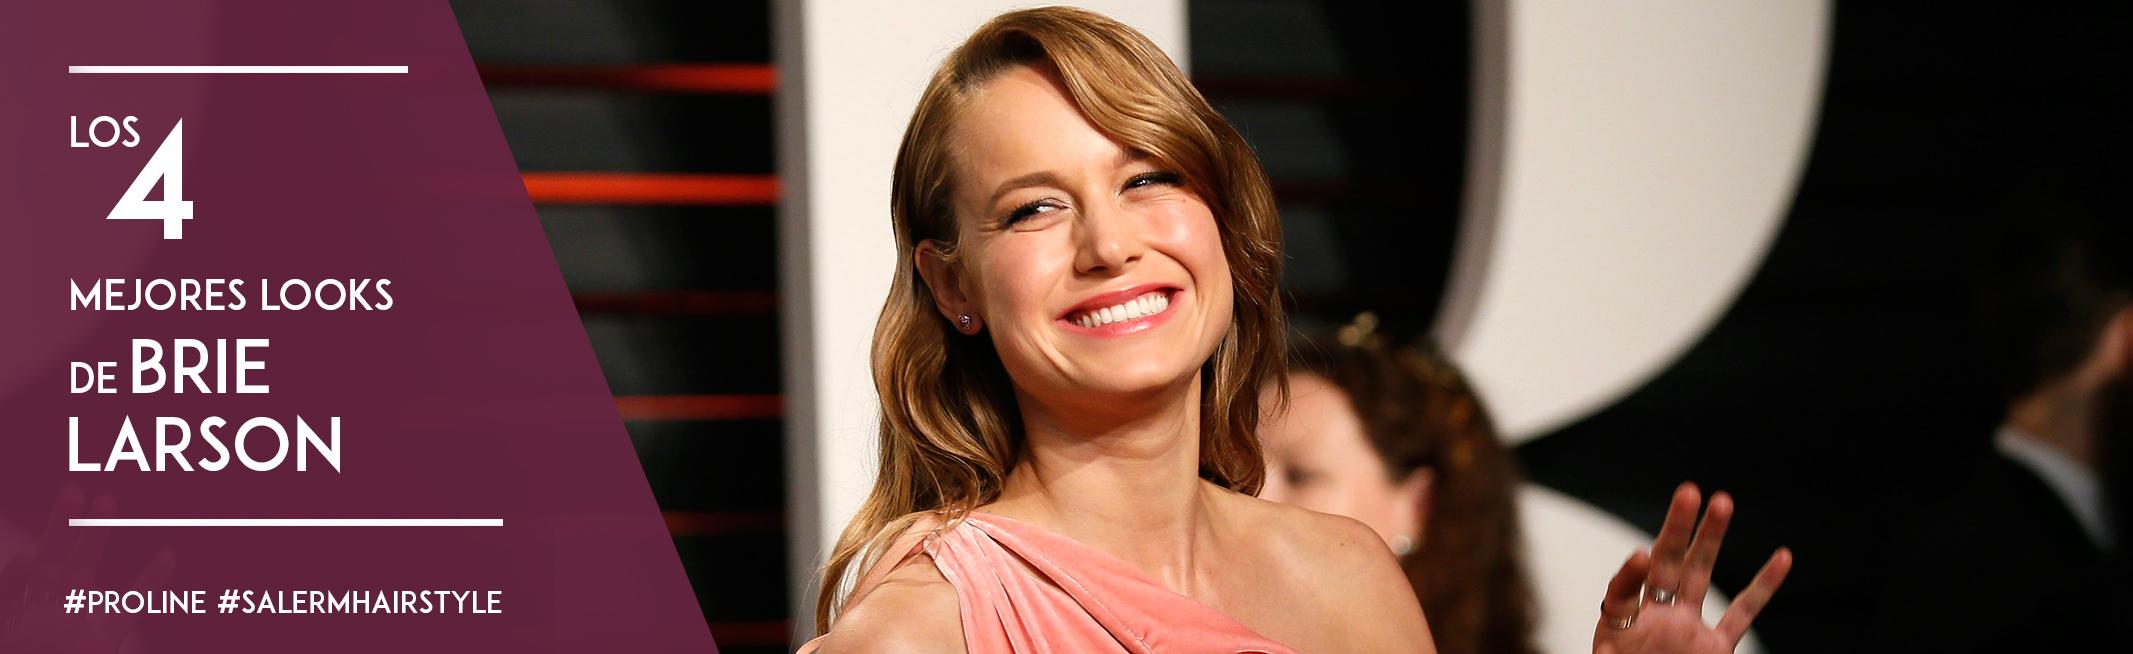 Los 4 mejores looks de Brie Larson